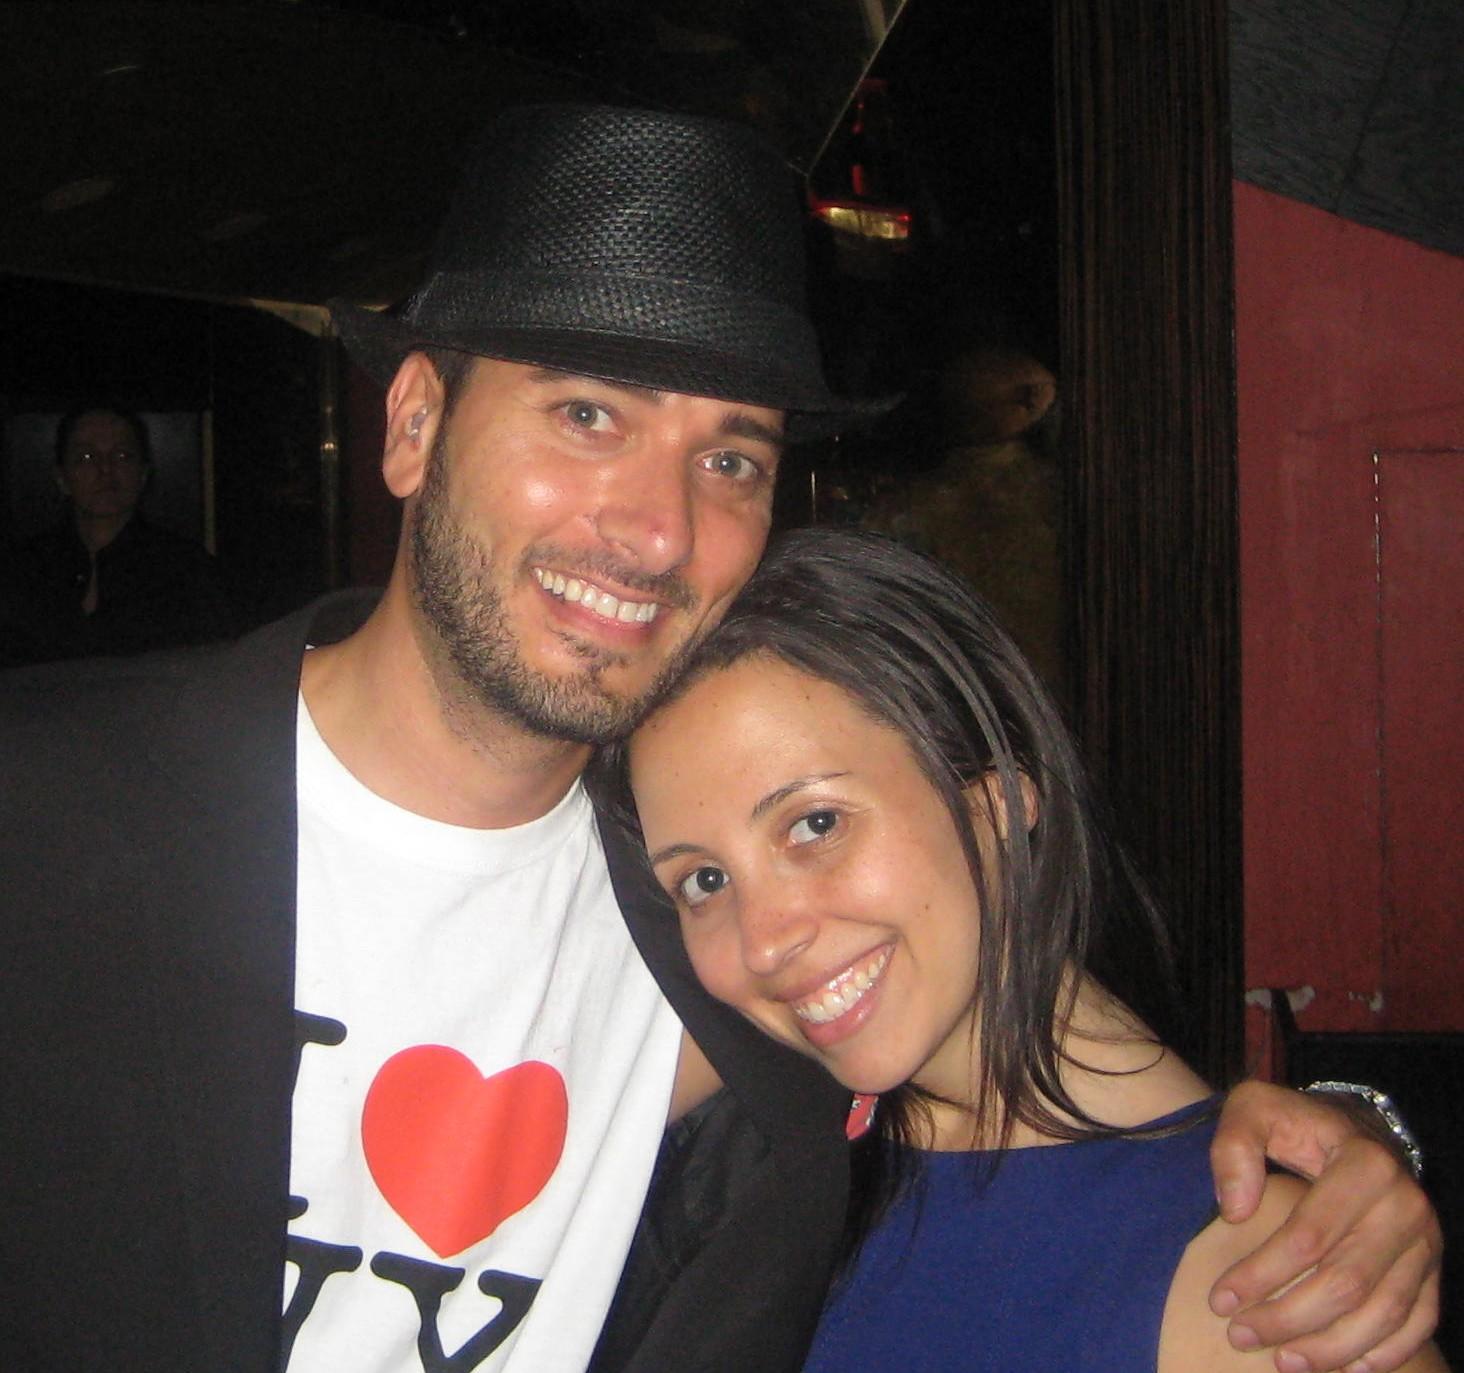 Bry and Rachel